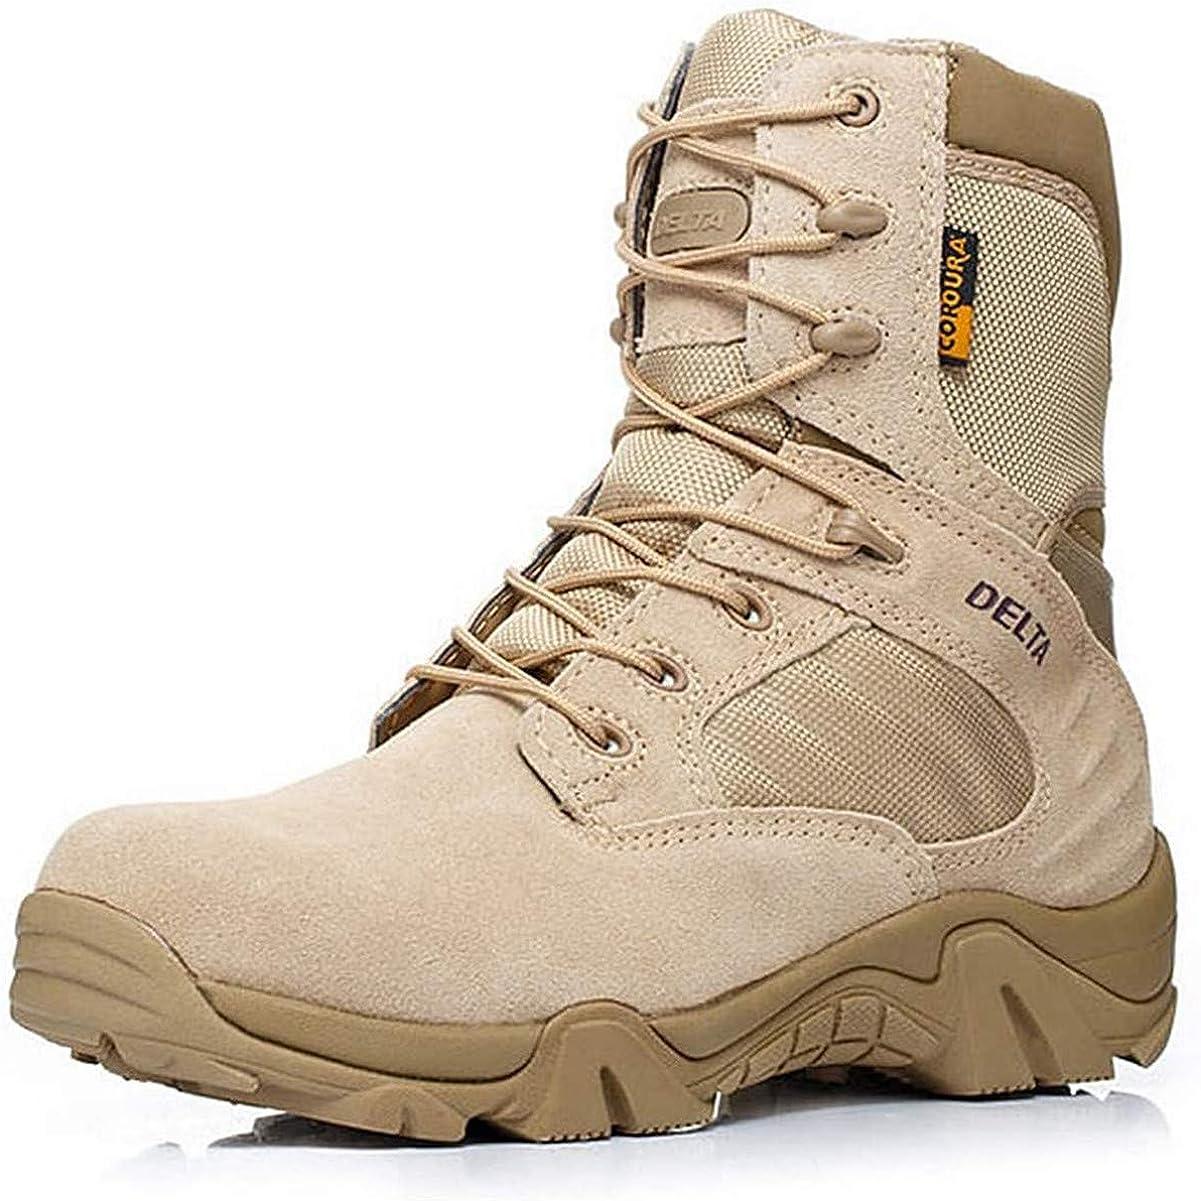 HARGLESMAN Men's Tactical Boots 8 De Work Inches Over item handling Military Combat shop